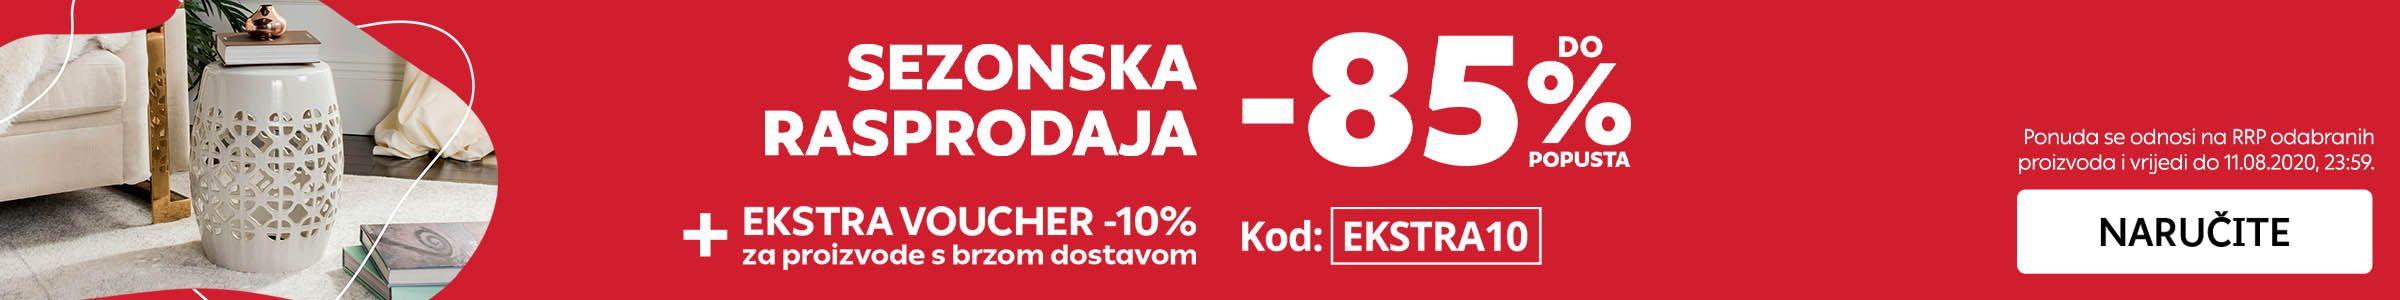 End of season sale